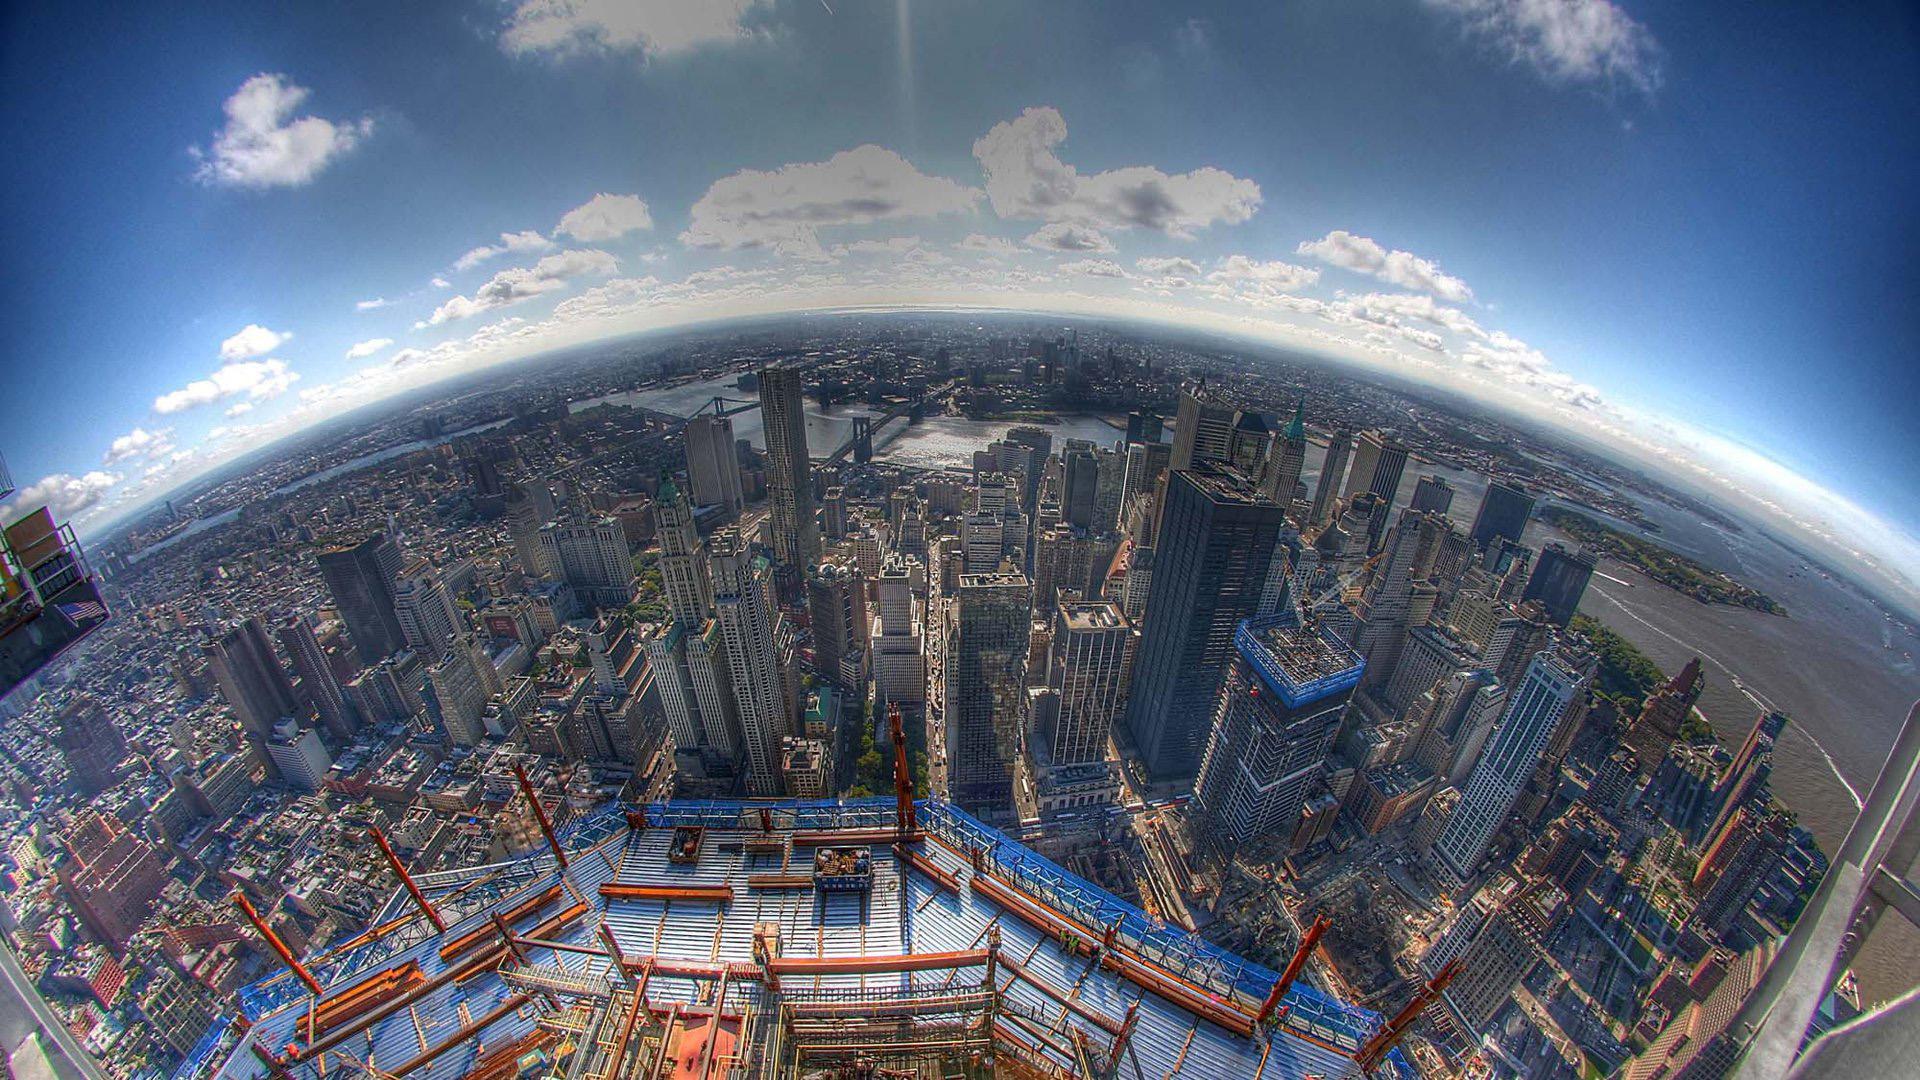 """Fotografar paisagem é um dos usos mais comuns deste tipo de lente. Muitos  fotógrafos gostam do aspecto """"planeta Terra"""" criado ao registrar horizontes. c9155cb491"""